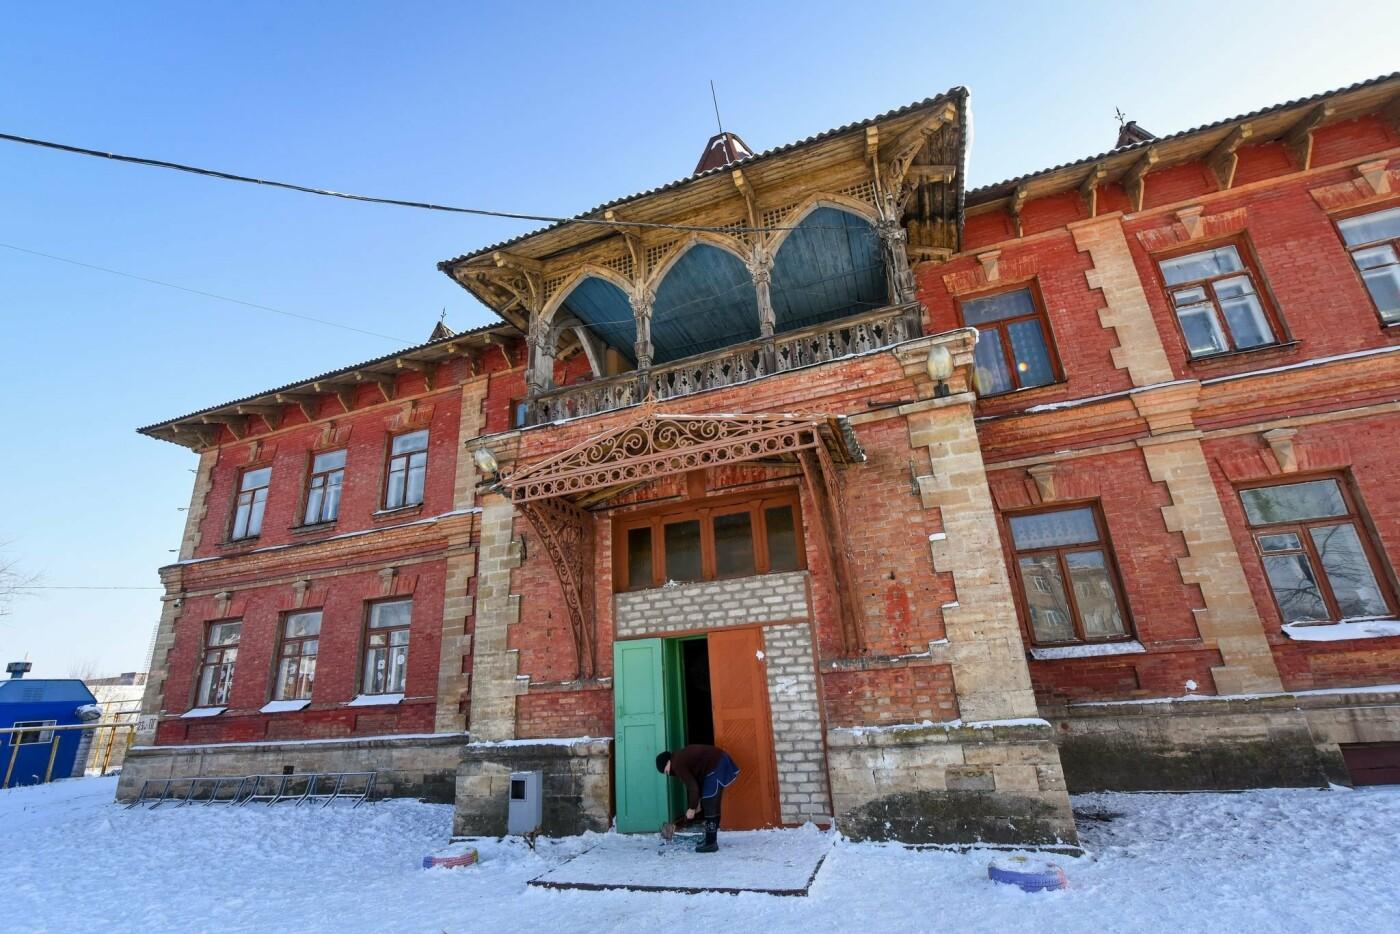 Маршруты выходного дня: не скучаем на карантине, а изучаем Запорожскую область и открываем секреты родного города, фото-16